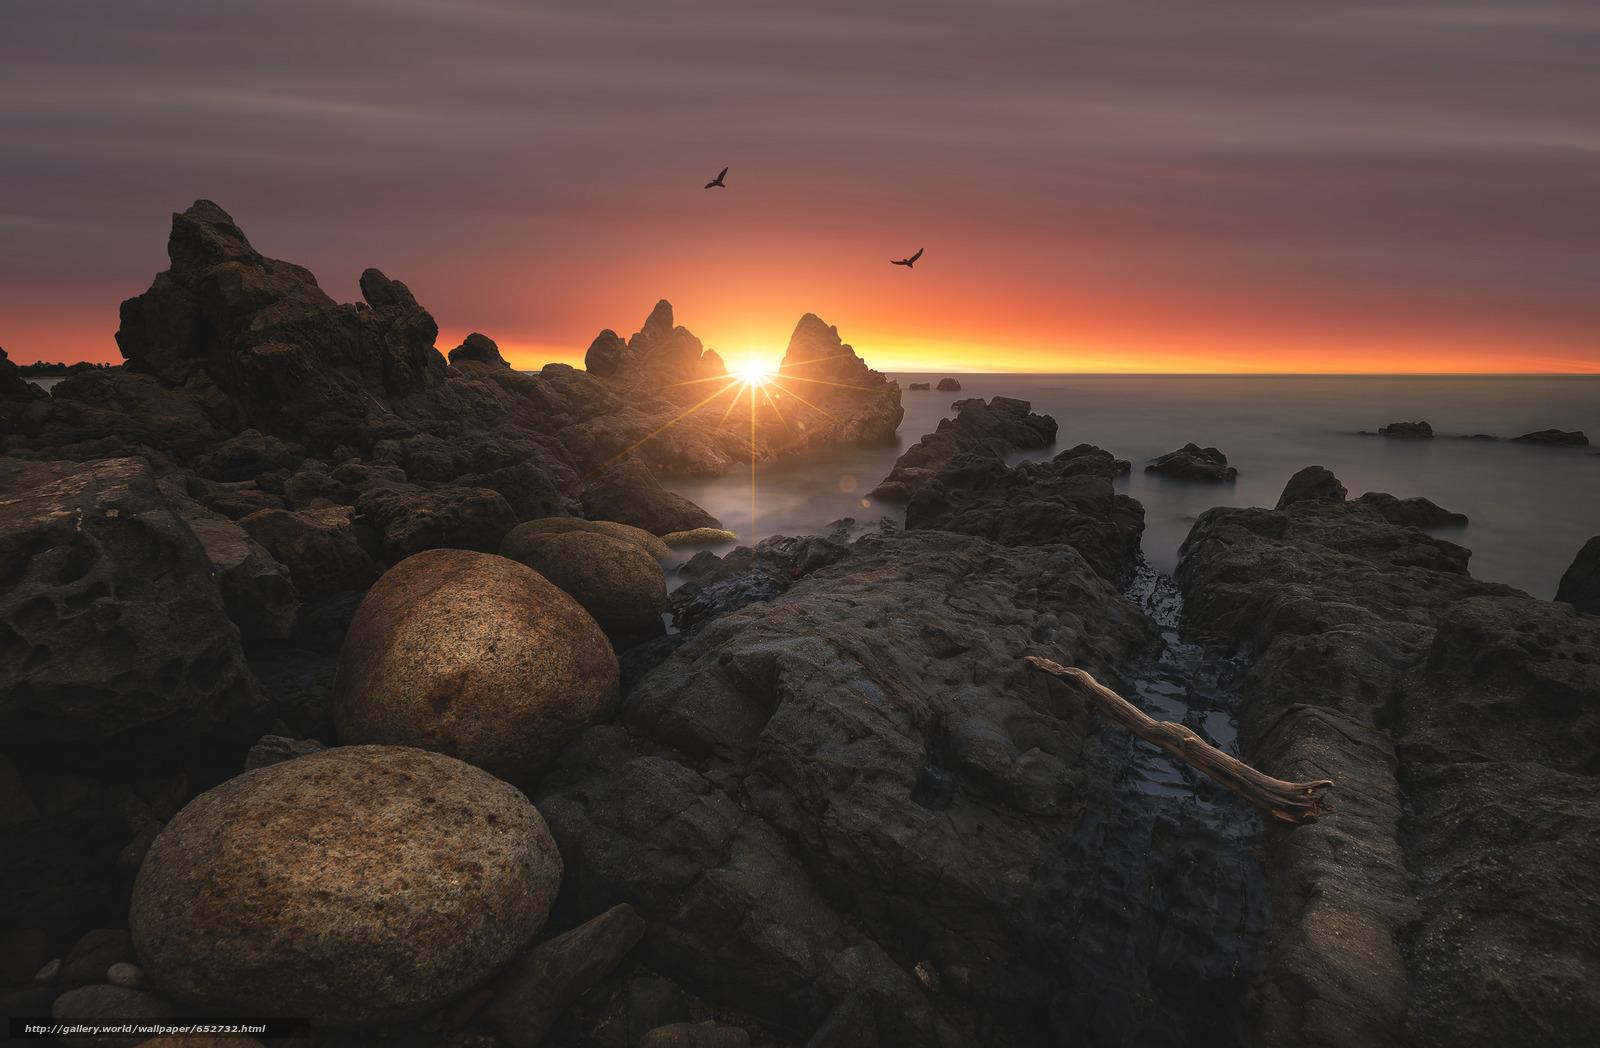 Скачать обои море,  камни,  небо,  берег бесплатно для рабочего стола в разрешении 2048x1341 — картинка №652732